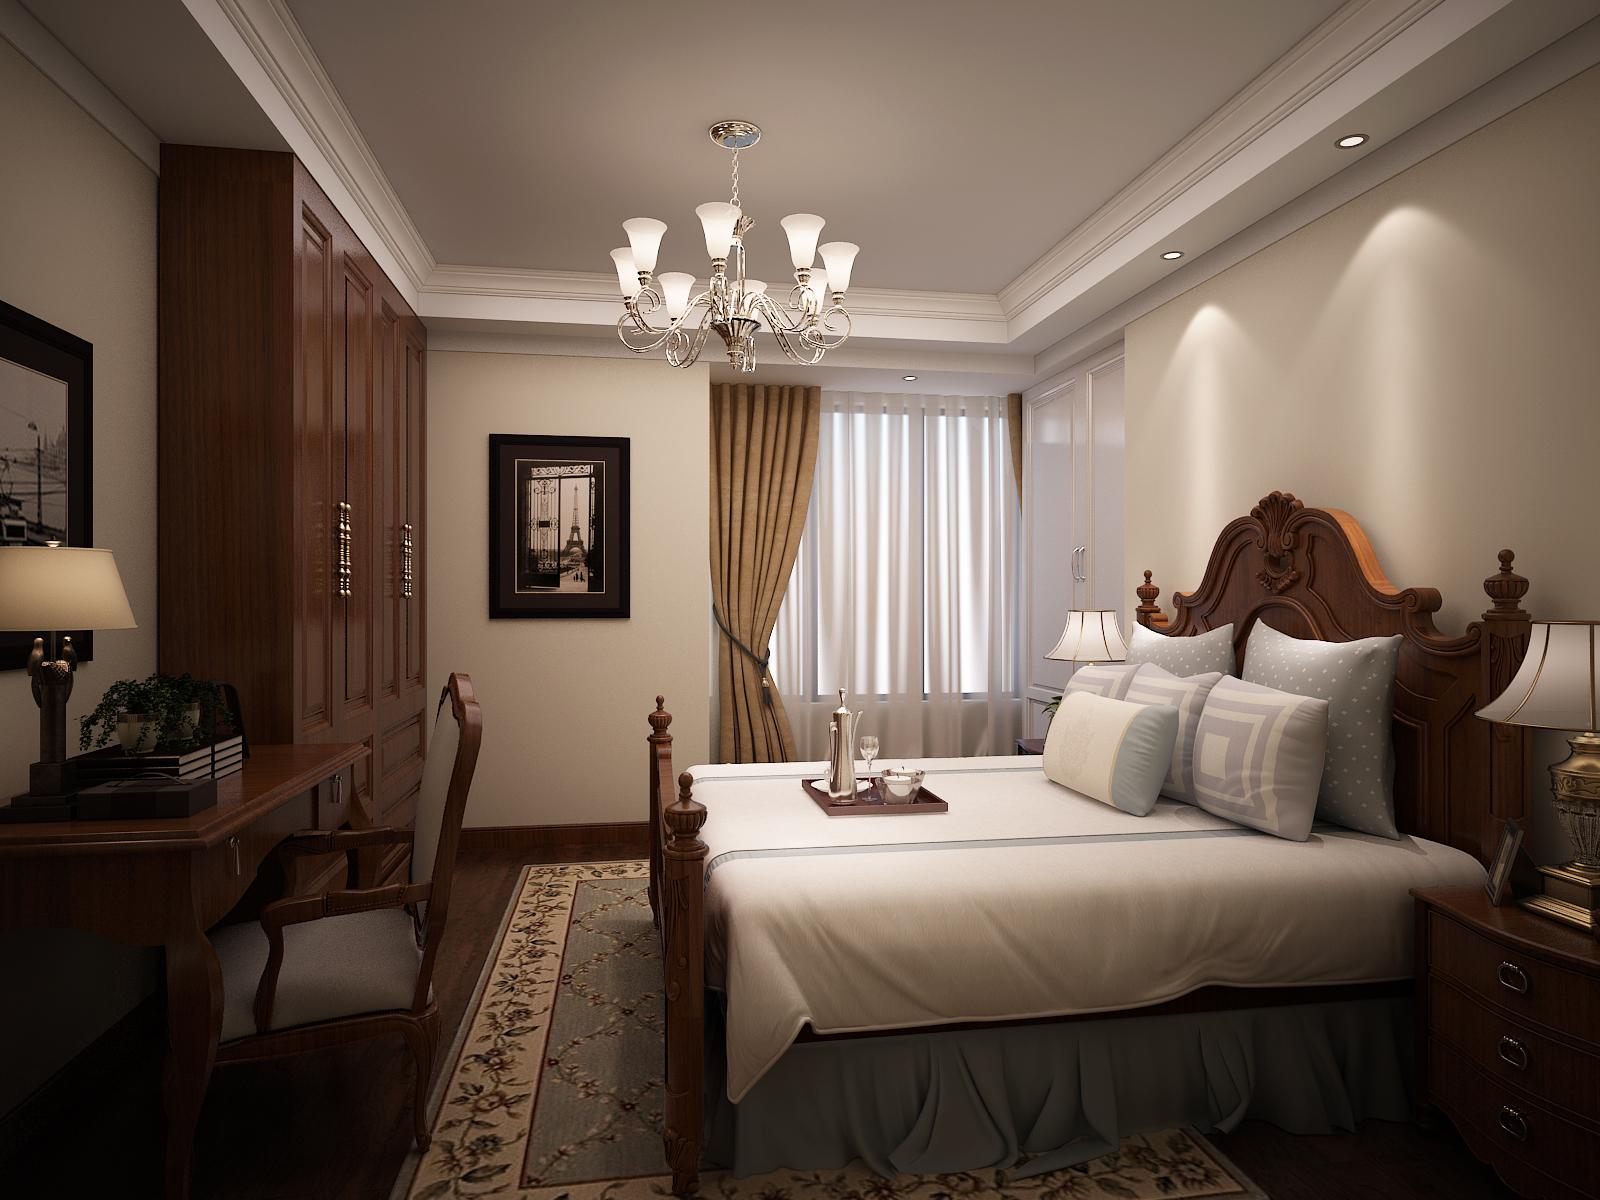 美式 家具 客餐厅 卧室 金色堤岸 卧室图片来自兰州实创装饰香香在金色堤岸 美式风格的分享